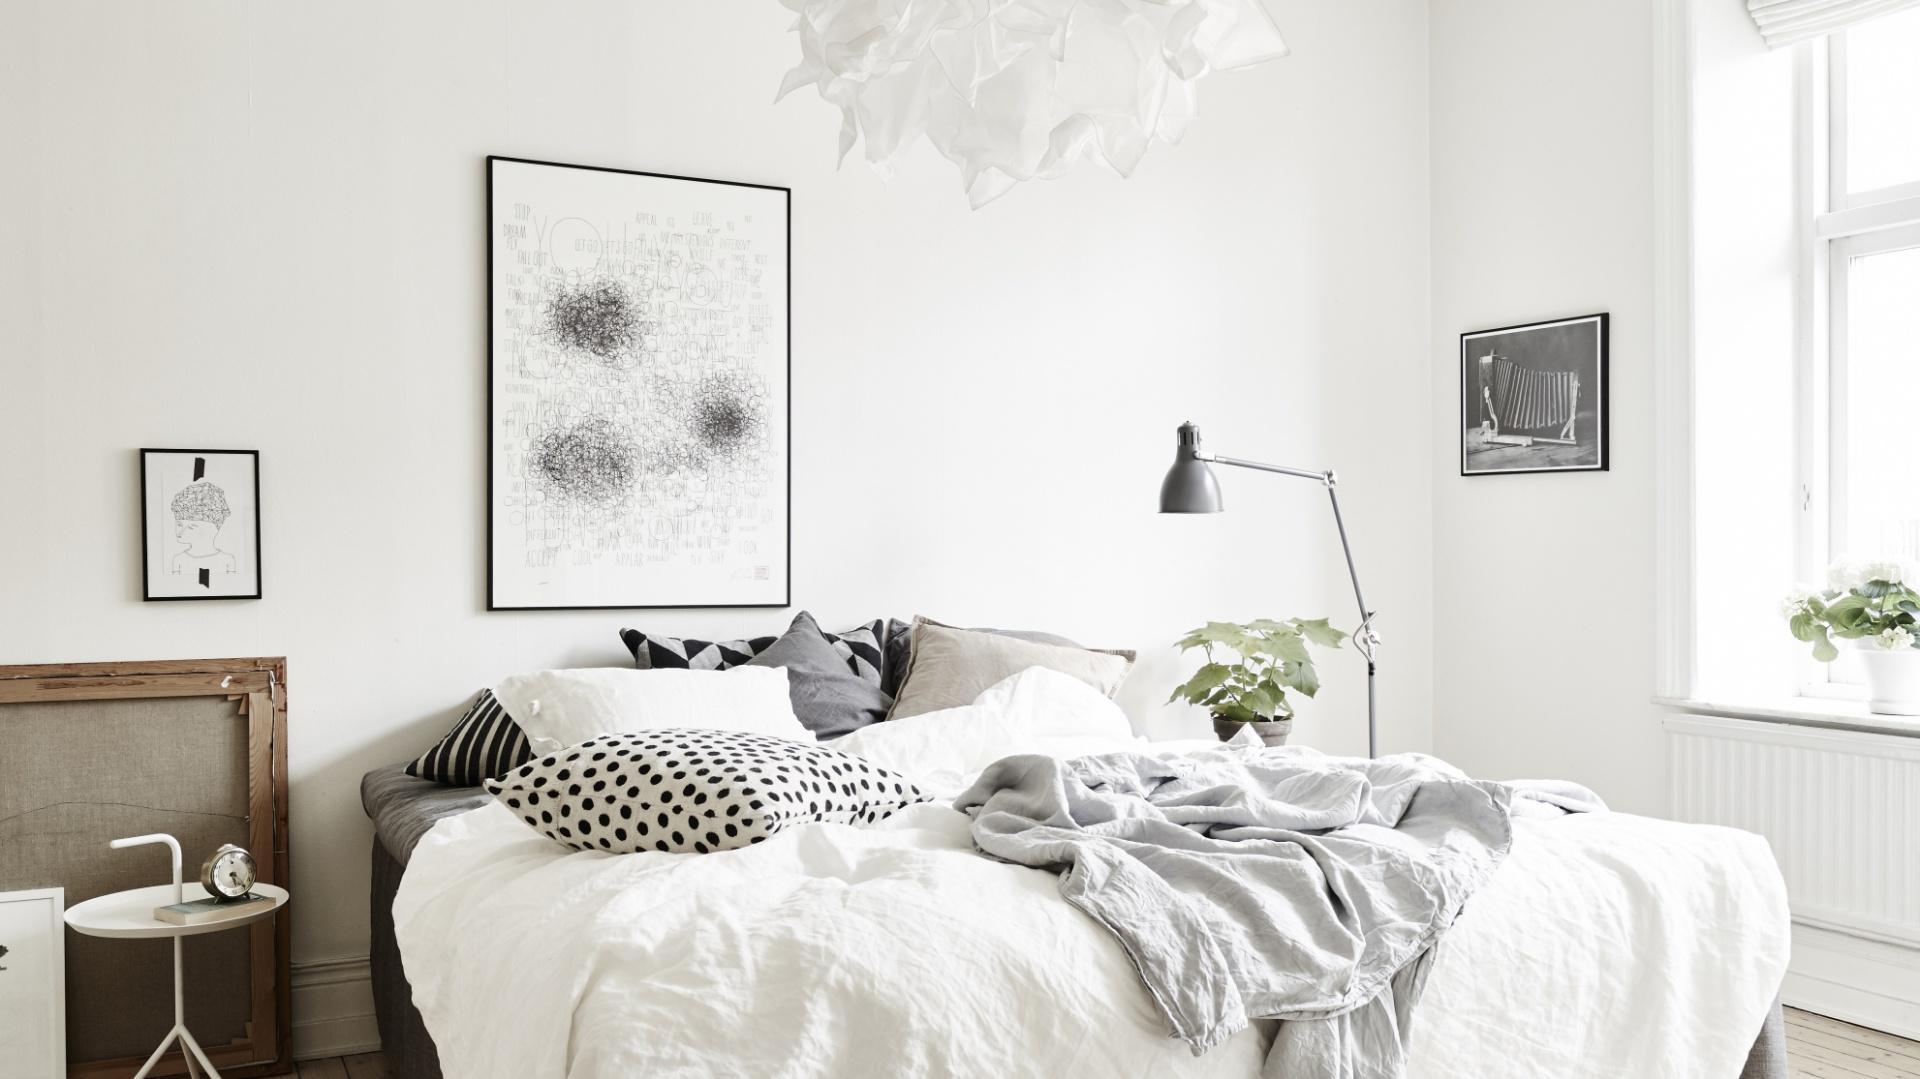 Biel ścian przełamano obrazami zawieszonymi na ścianie. Kontrastowe, czarne ramy tworzą ciekawą dekorację. Fot. Stadshem.